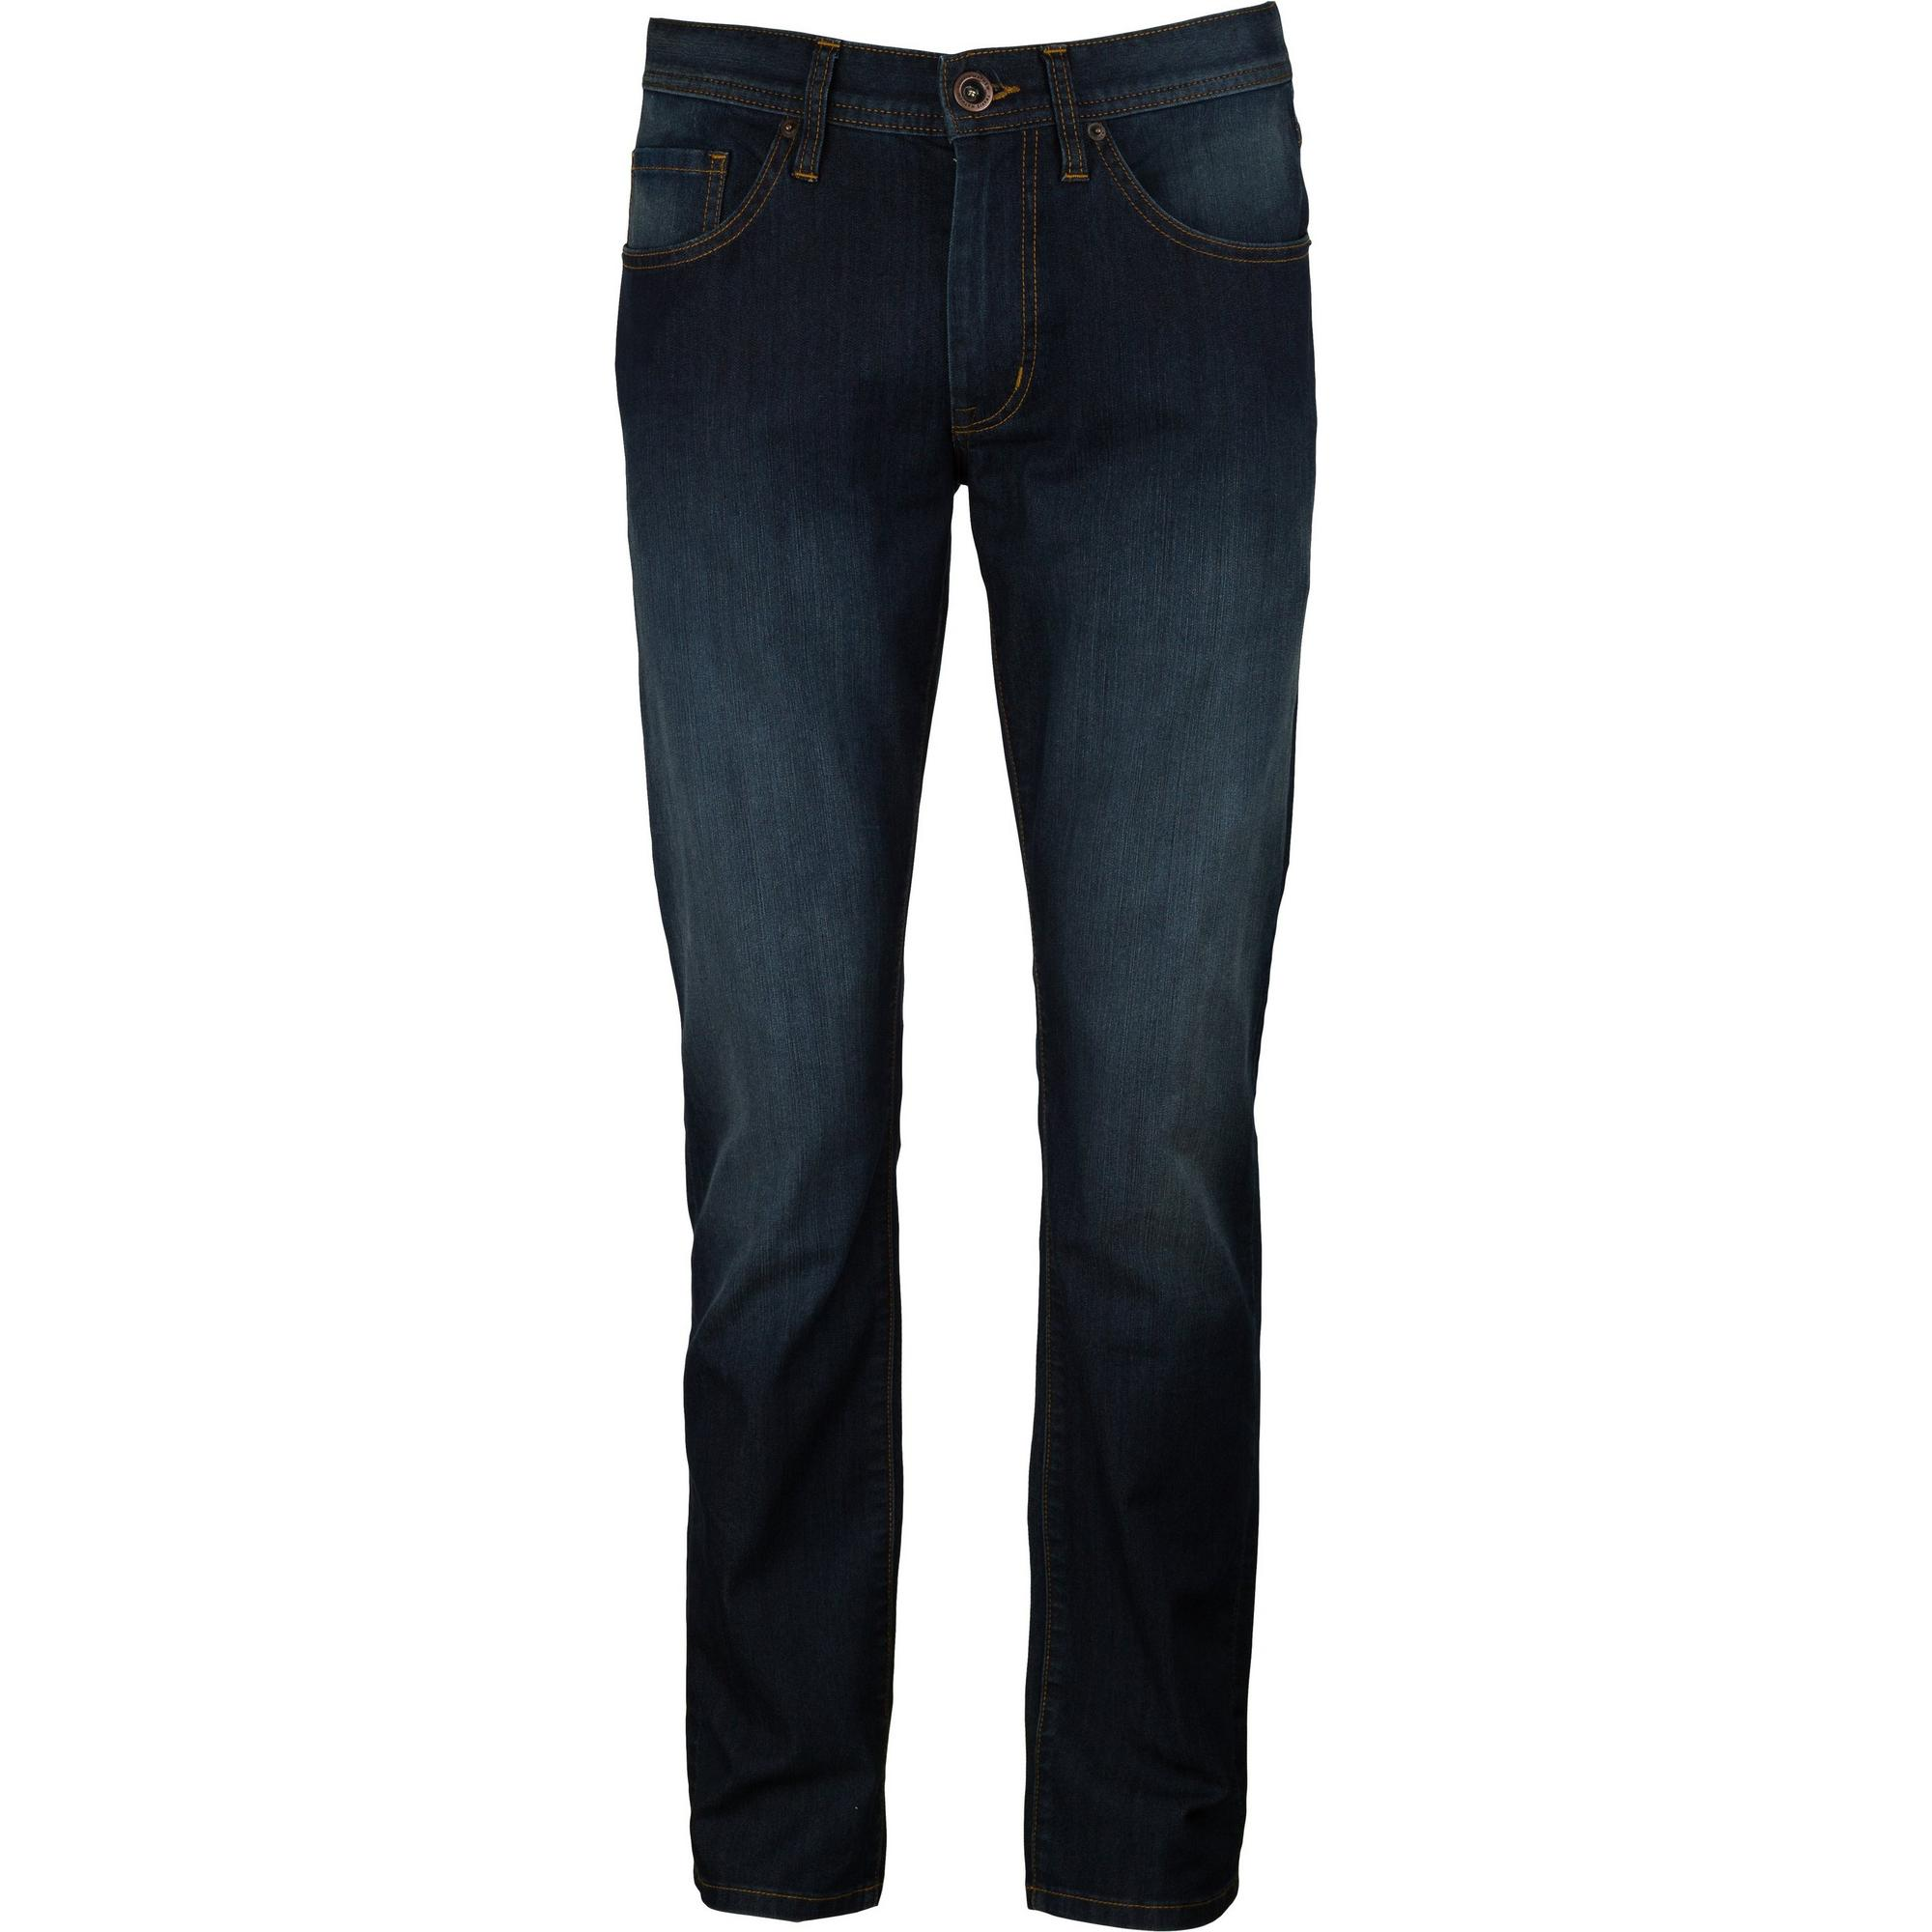 Pantalon The 101 pour hommes